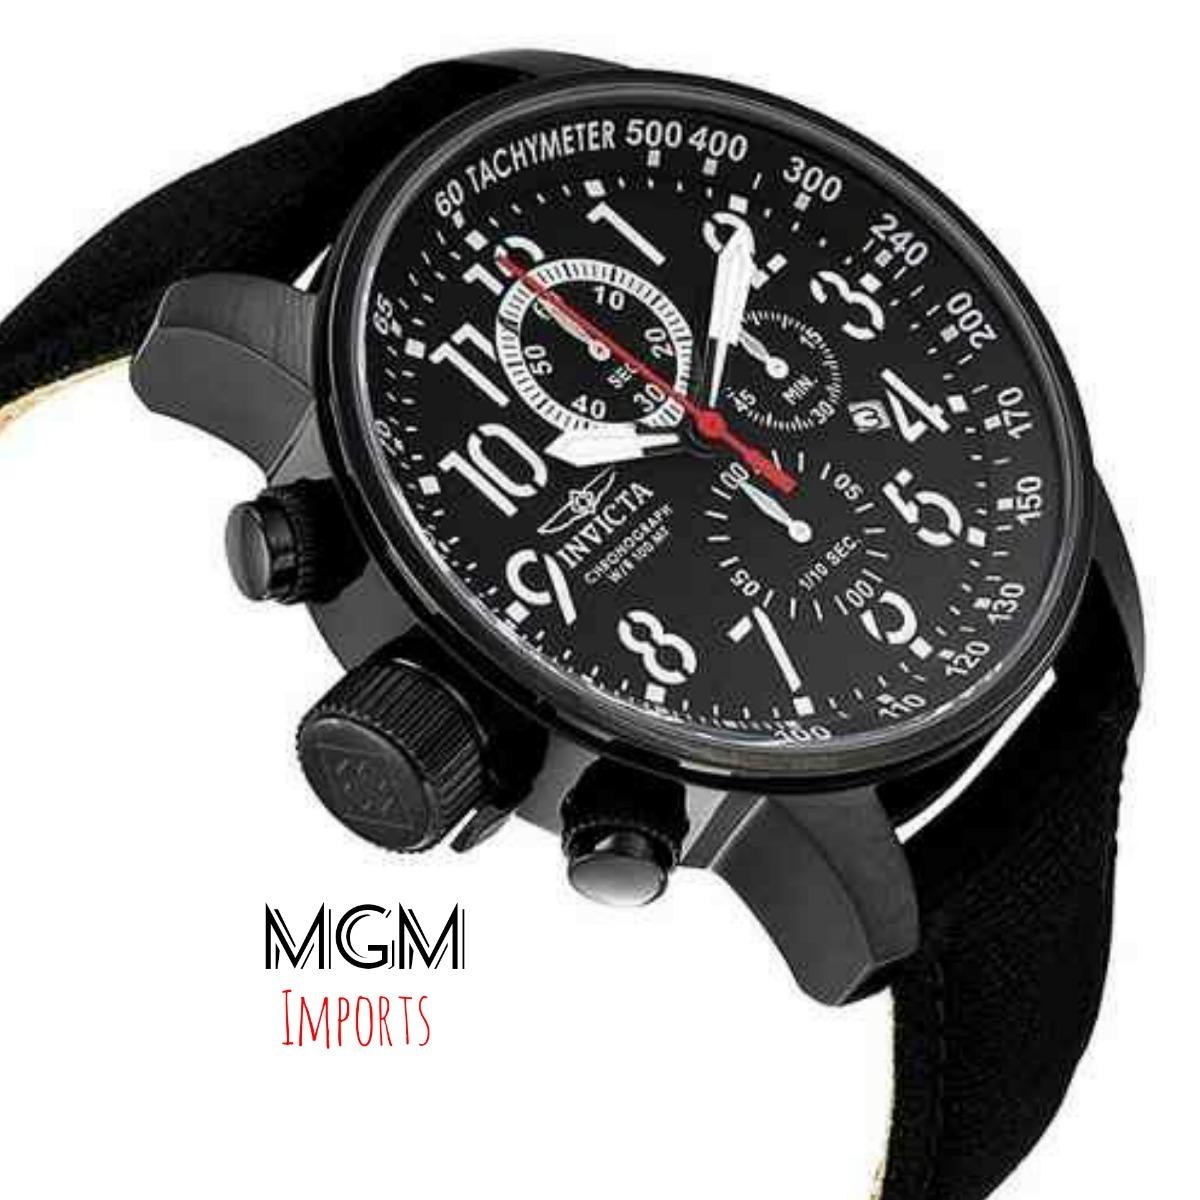 85bc71a308e Relógio invicta force masculino original carregando zoom jpg 1200x1200  Invicta 1517 force collection